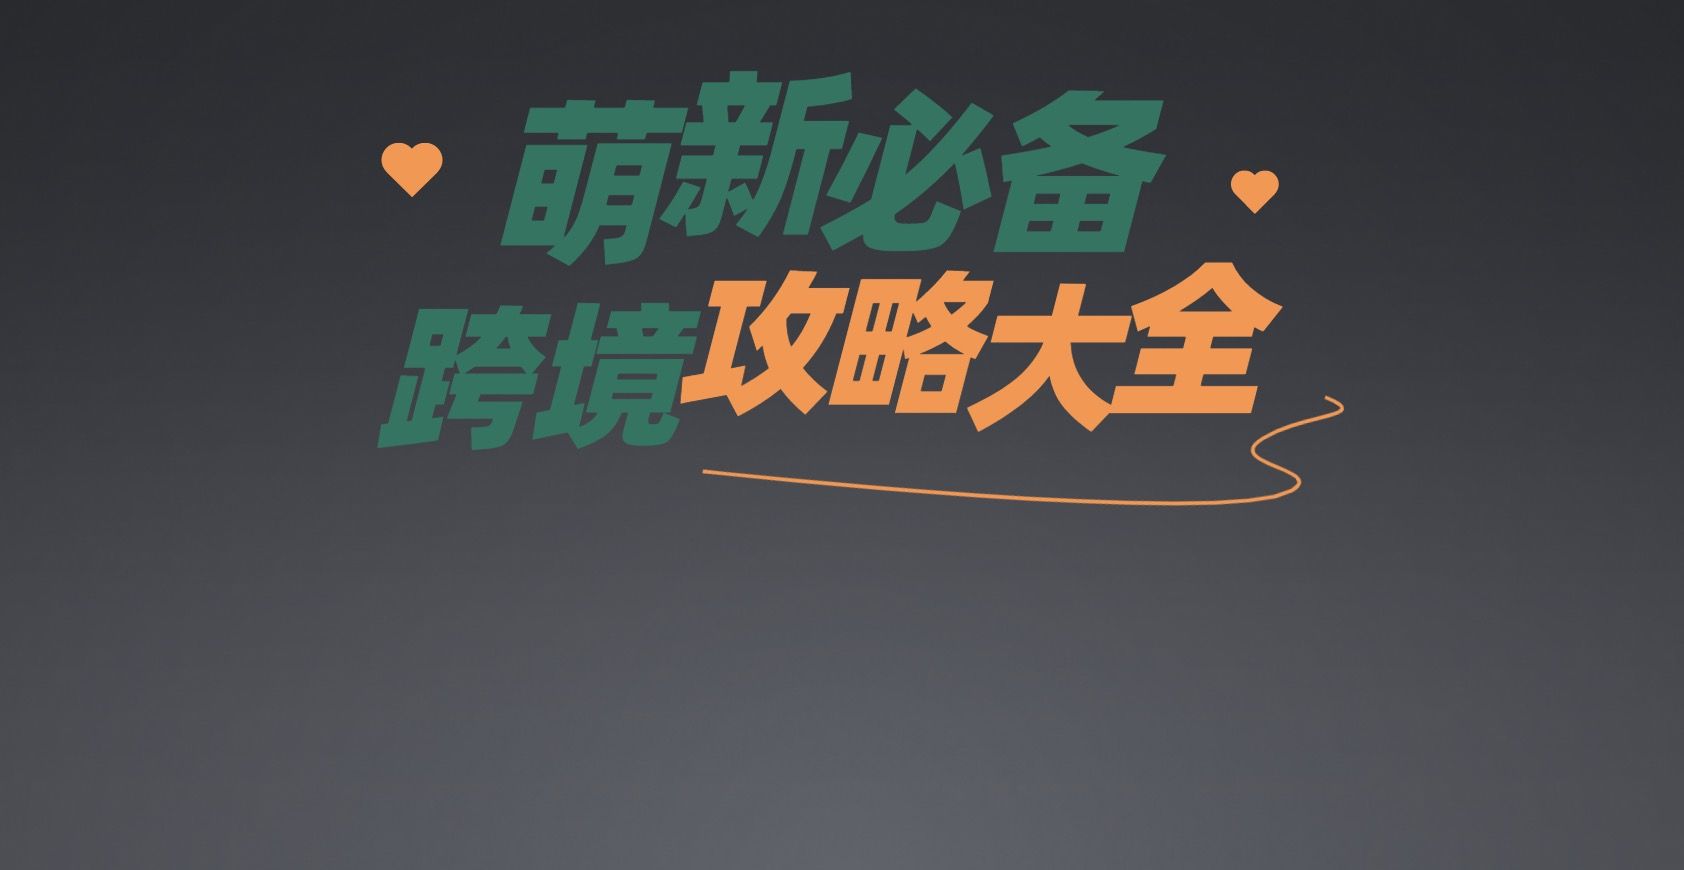 史上最全外贸跨境电商学习博客汇总(68个)